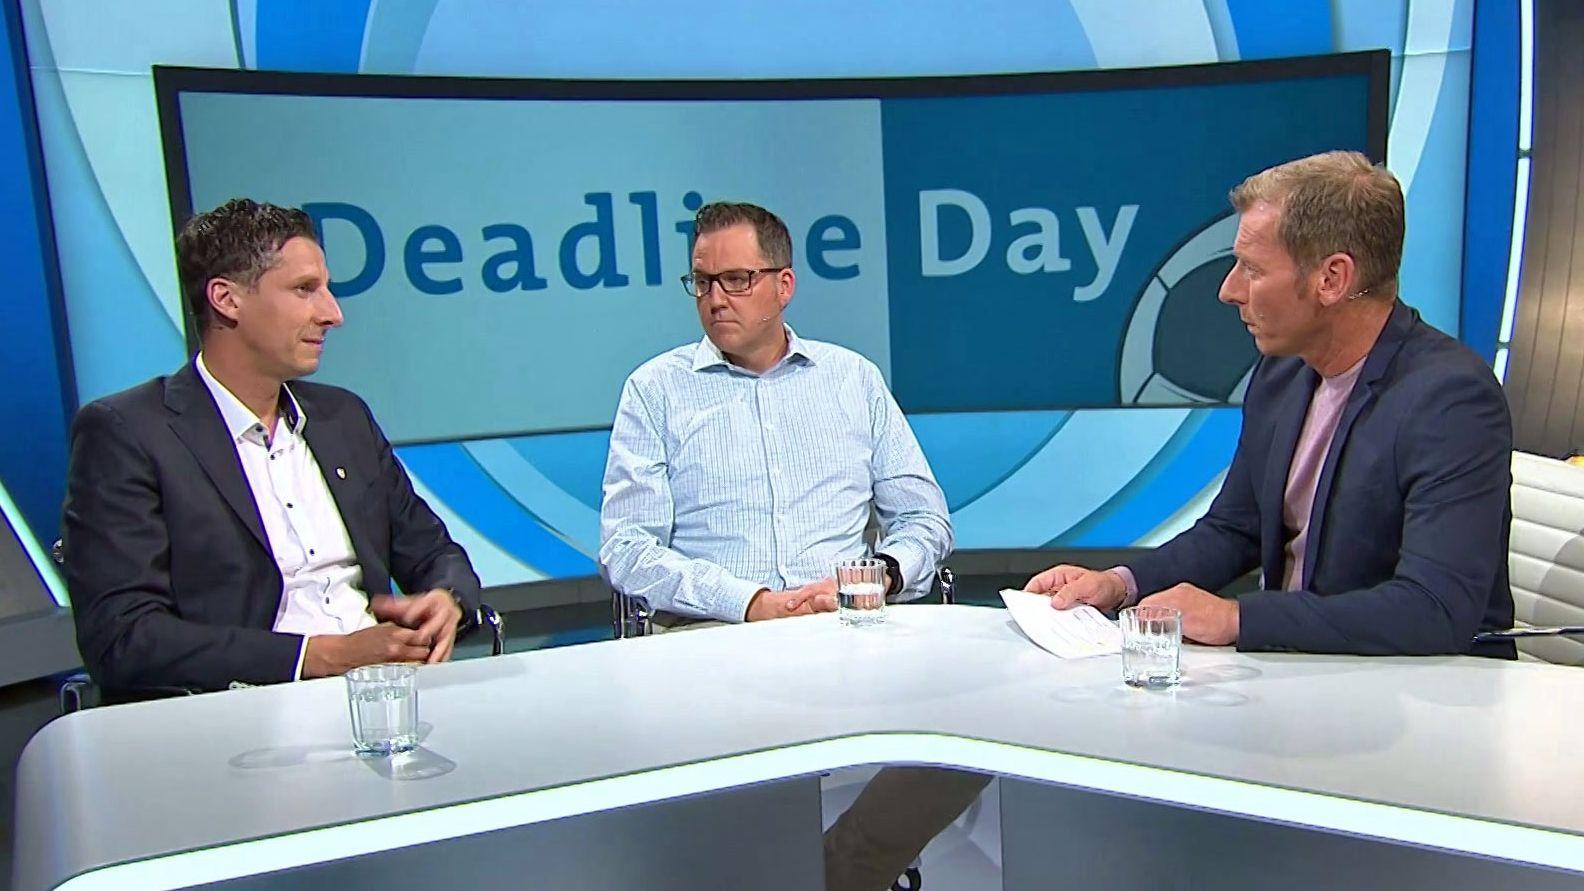 Christian Keller (Geschäftsführer Jahn Regensburg), Gregor Reiter (Geschäftsführer Deutsche Fußballspieler-Vermittler-Vereinigung) und Moderator Markus Othmer (v.l.)